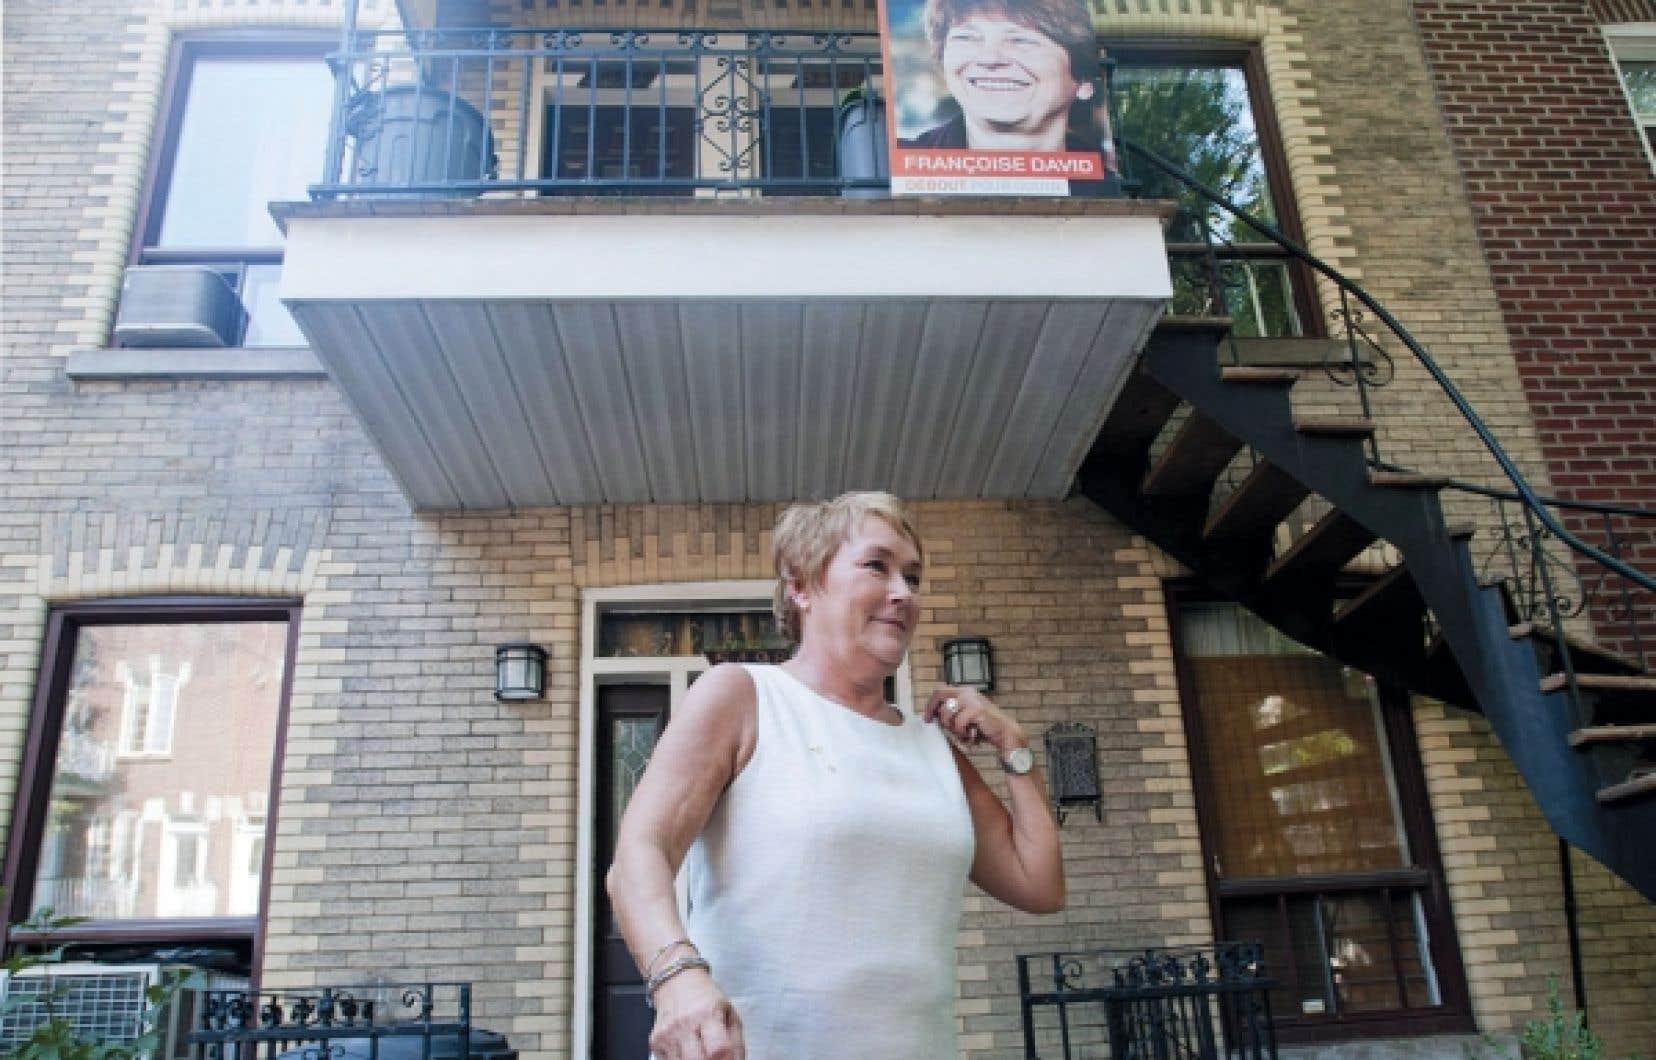 Pauline Marois faisant campagne dans Gouin, une circonscription finalement remportée par Françoise David, de Québec solidaire. Un gouvernement majoritaire était à portée de main du Parti québécois - il ne manquait que 9 sièges. Or, il échappa à la famille souverainiste en raison de l'éparpillement du vote entre trois partis politiques.